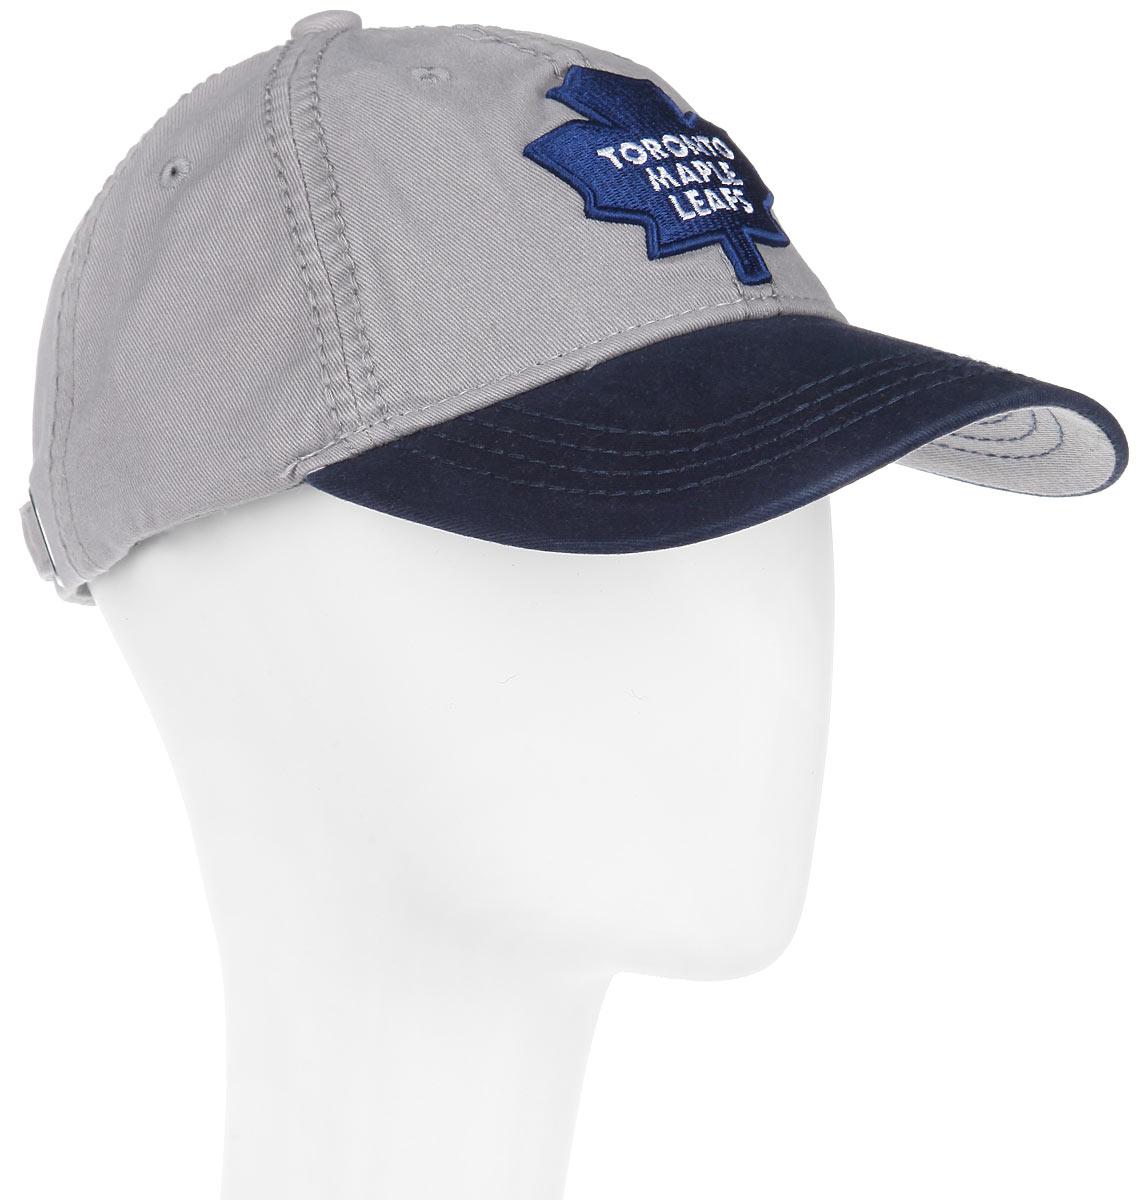 Бейсболка NHL Toronto Maple Leaf, цвет: серый, темно-синий. 29057. Размер L\XL (55-58)29057Практичная и удобная бейсболка NHL Toronto Maple Leaf, выполненная из высококачественного хлопка, идеально подойдет для активного отдыха и обеспечит надежную защиту головы от солнца.Бейсболка дополнена широким твердым козырьком и оформлена вышивкой в виде эмблемы профессиональной хоккейной команды  Toronto Maple Leaf, а также вышитыми надписями. Кепка имеет перфорацию, обеспечивающую необходимую вентиляцию. Объем изделия регулируется металлическим фиксатором. Такая бейсболка станет отличным аксессуаром для занятий спортом или дополнит ваш повседневный образ.